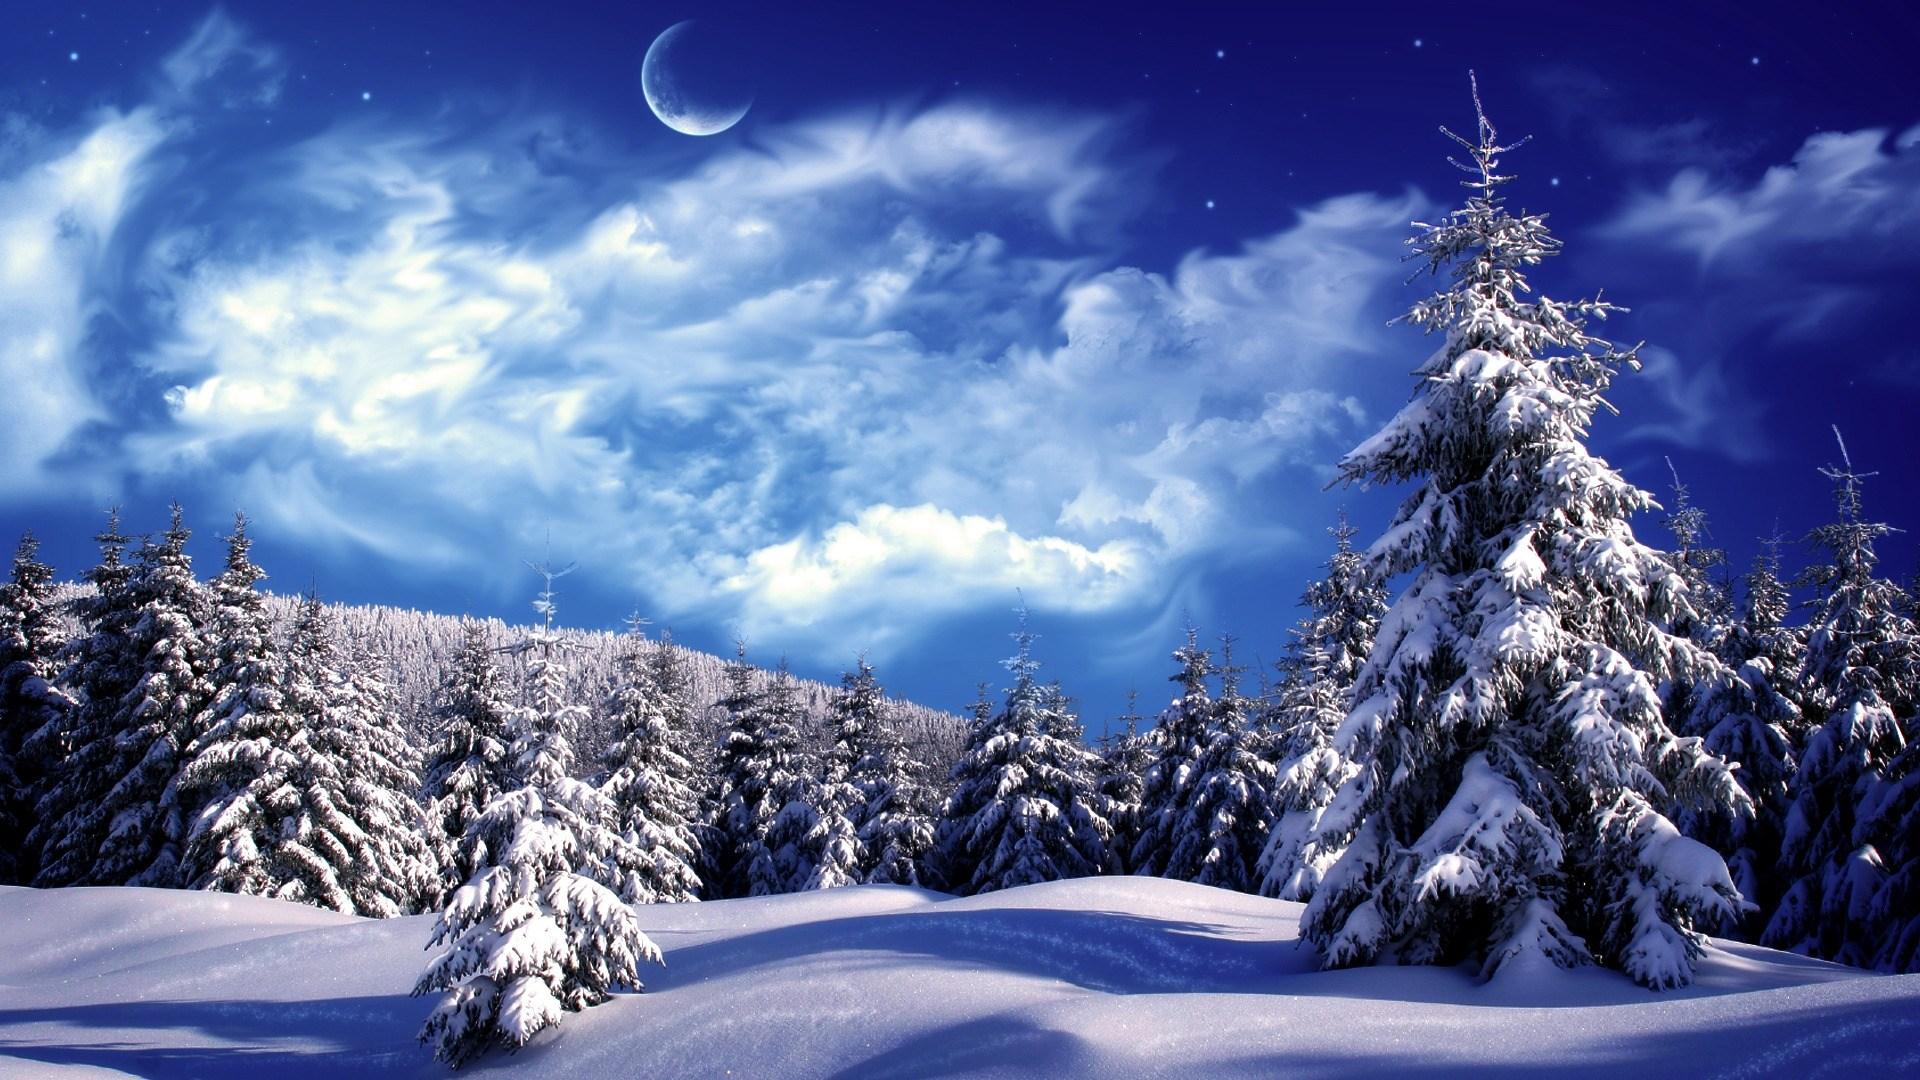 hình ảnh mùa đông xứ huế